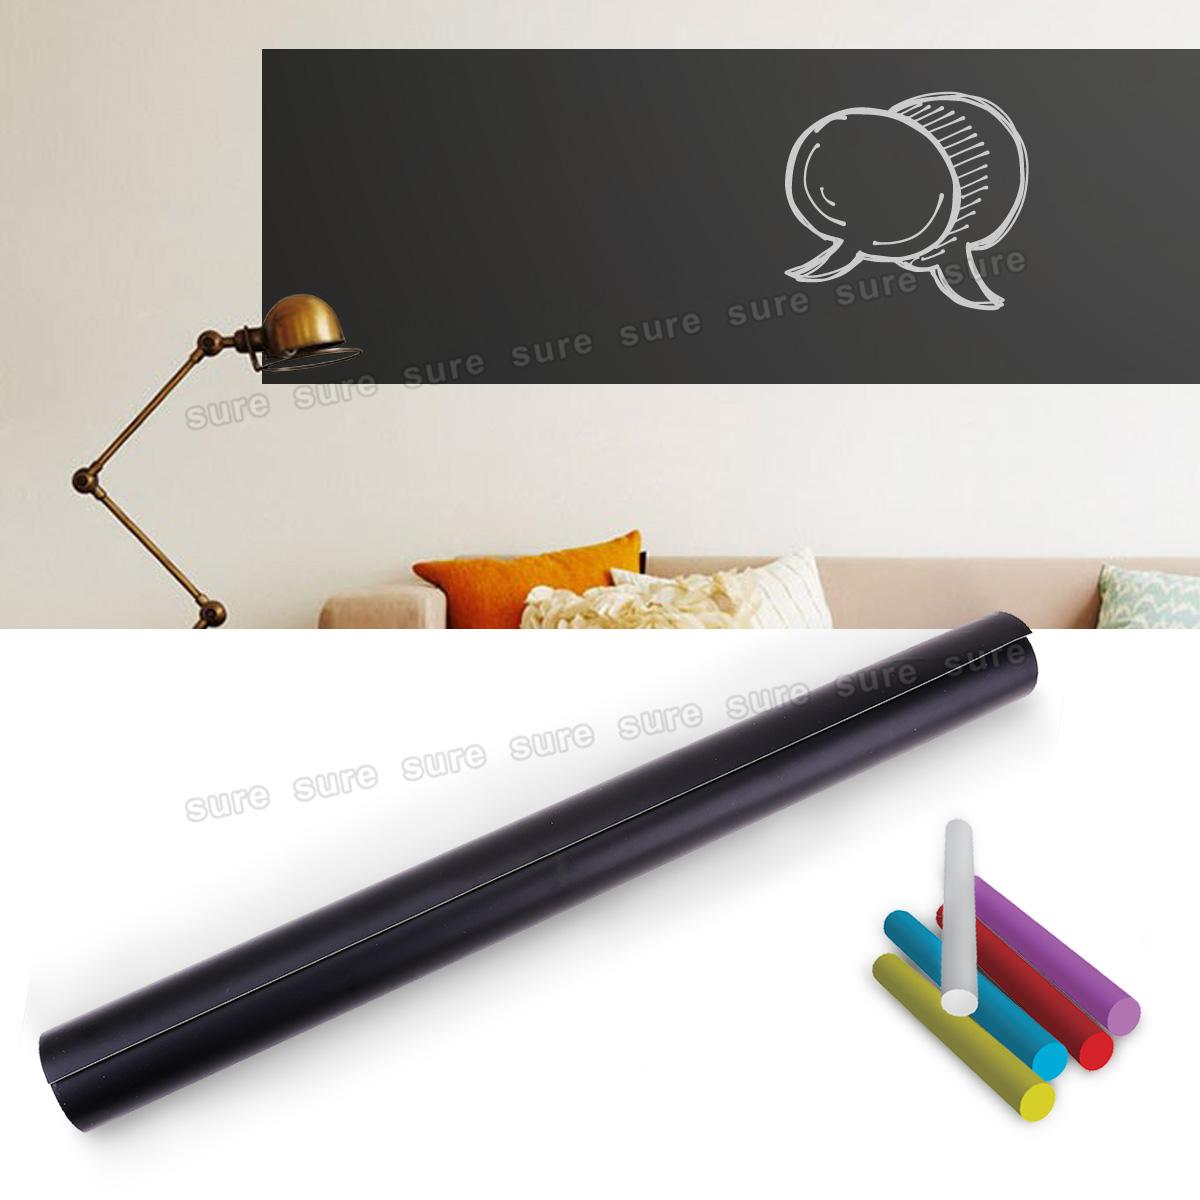 selbstklebende tafelfolie klebefolie zum beschreiben inkl kreide 300 x 60 cm ebay. Black Bedroom Furniture Sets. Home Design Ideas